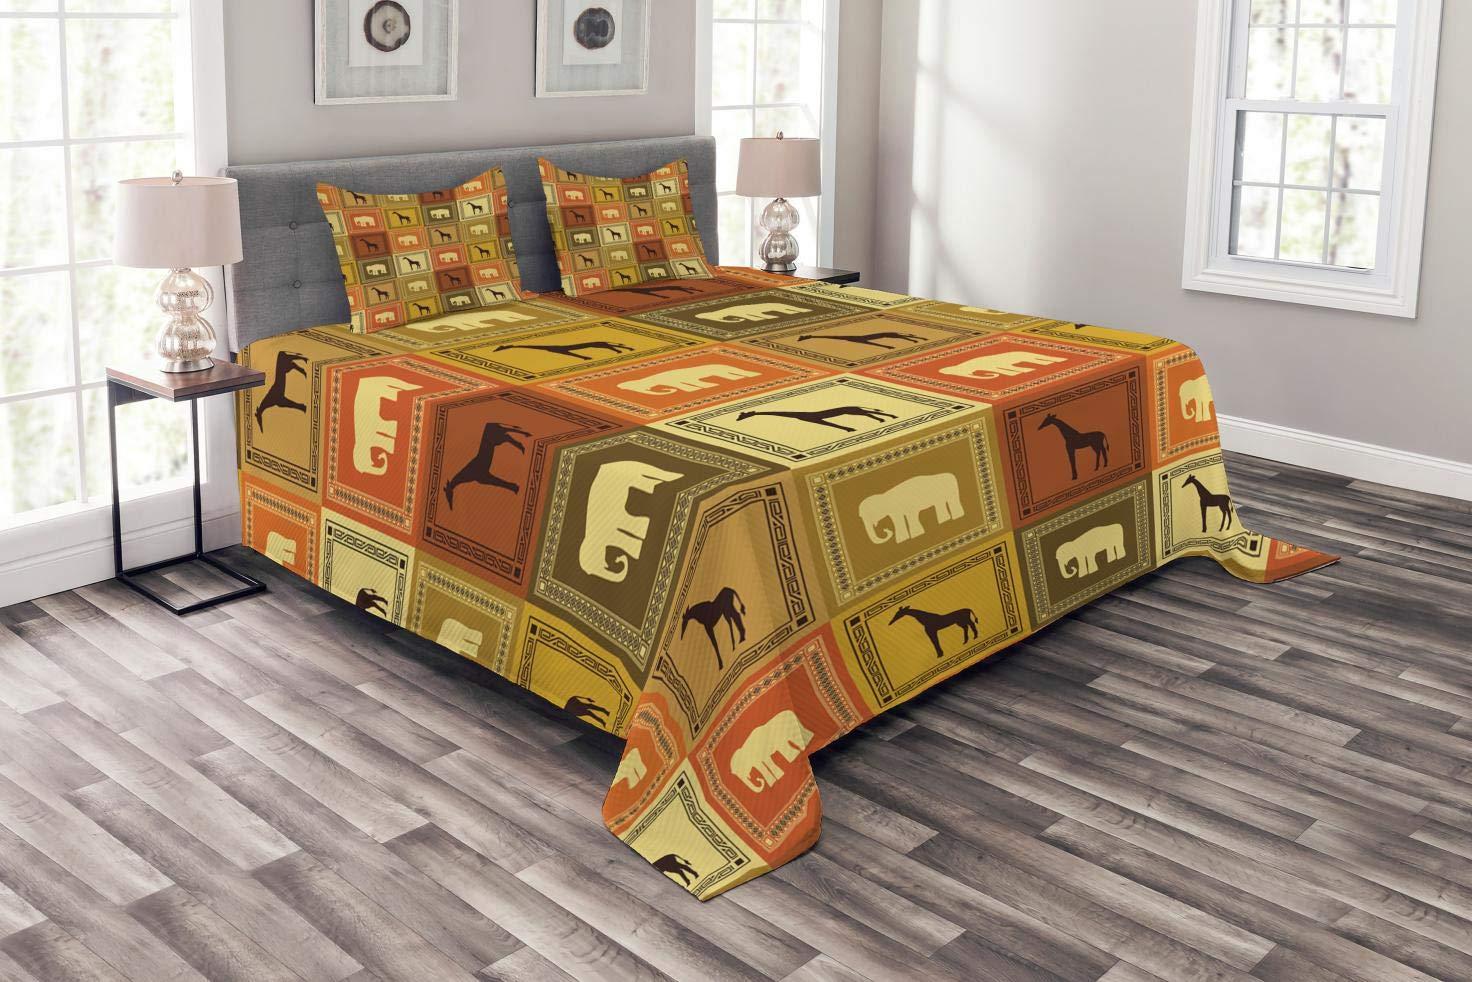 Abakuhaus Safari Tagesdecke Set, Afrikanische Tiere Muster, Set mit Kissenbezügen Klare Farben, für Doppelbetten 264 x 220 cm, Schwarz Braun